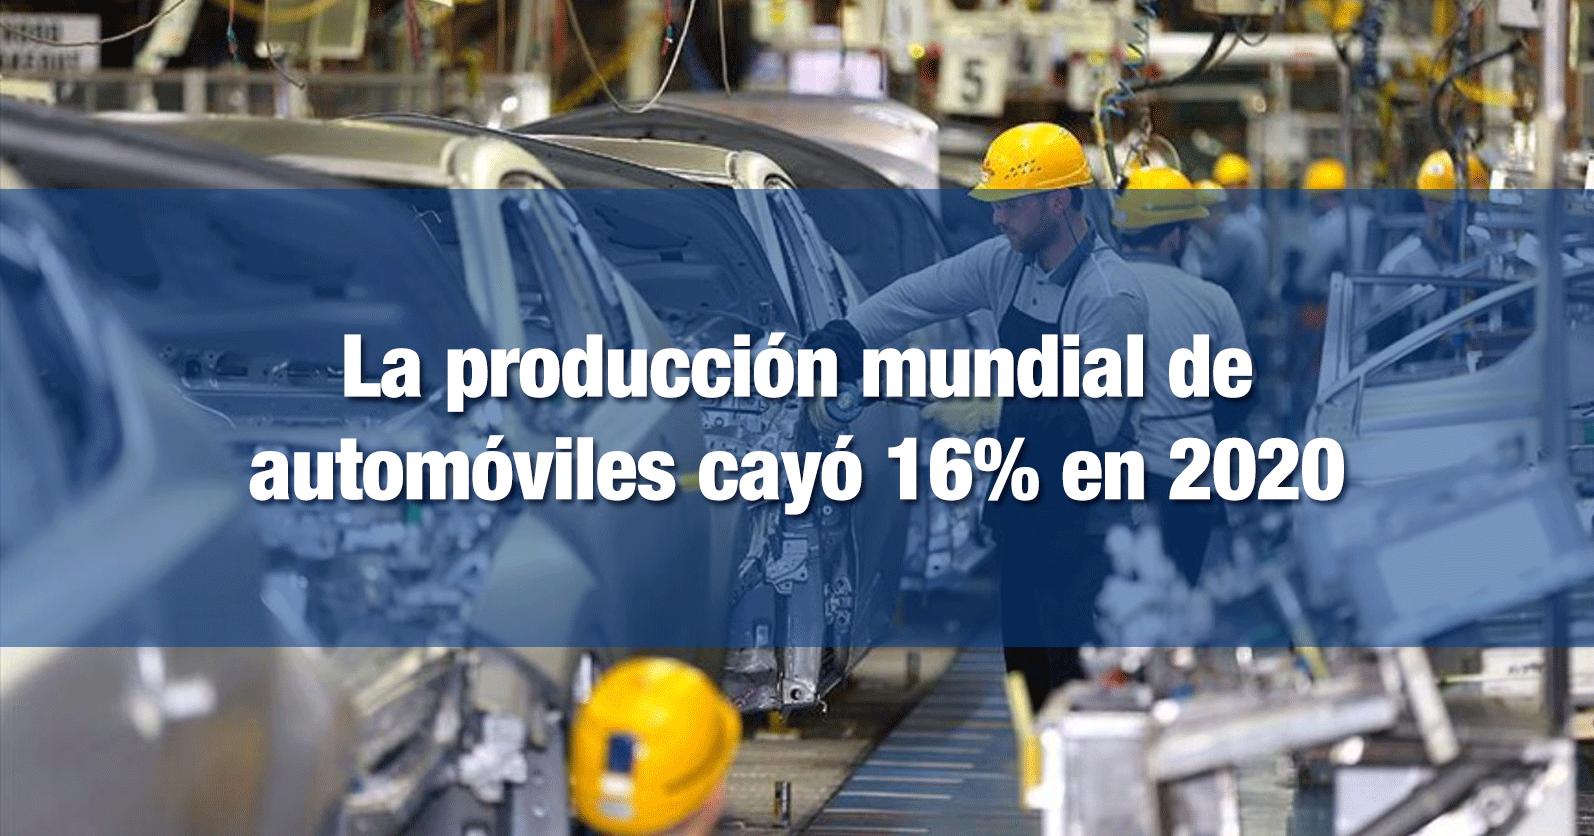 La producción mundial de automóviles cayó 16% en 2020